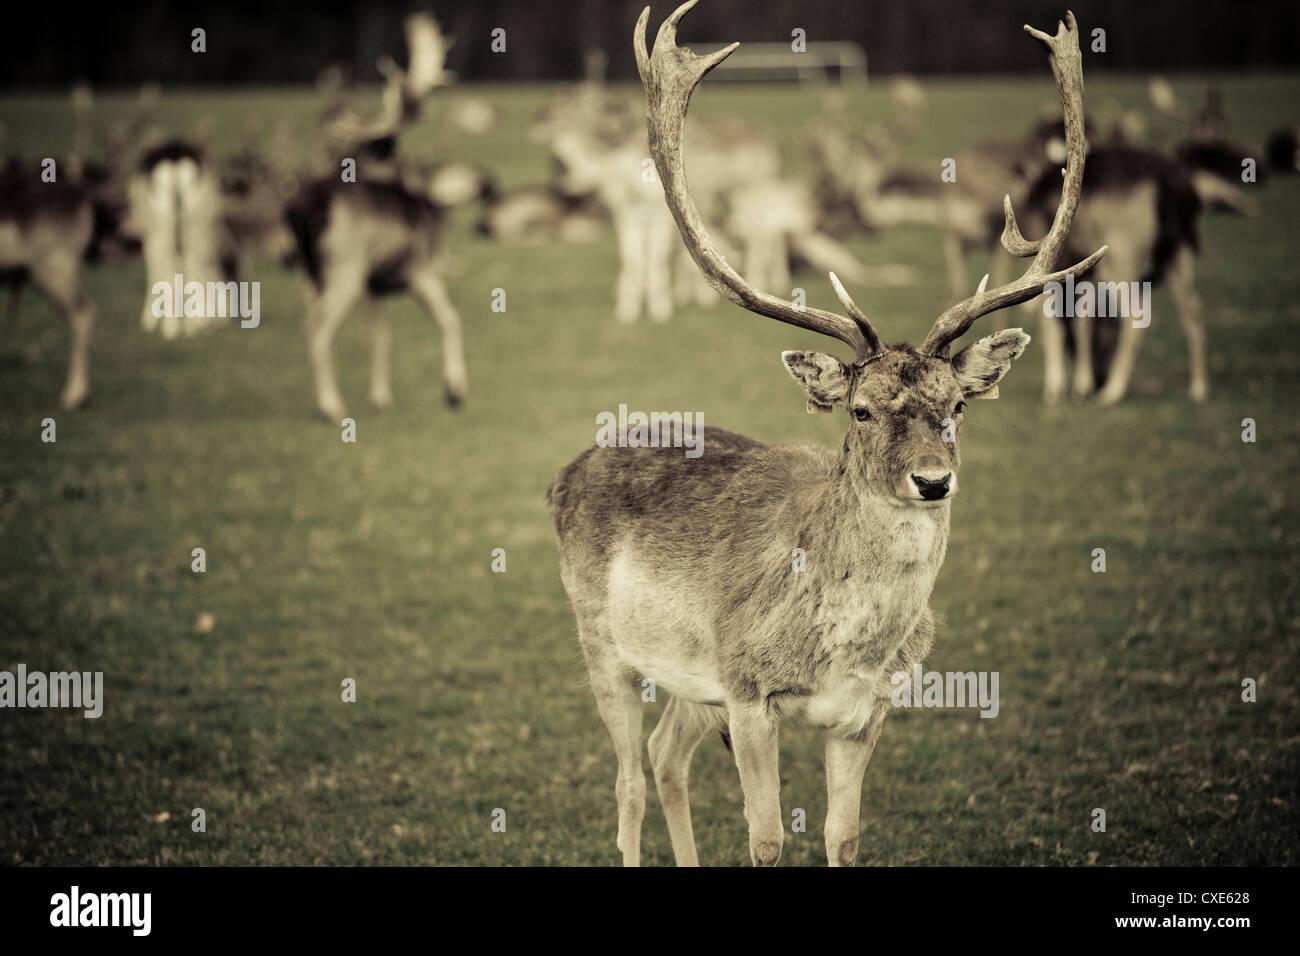 Stag con rebaño de ciervos en Phoenix Park, Dublín, República de Irlanda, Europa Imagen De Stock